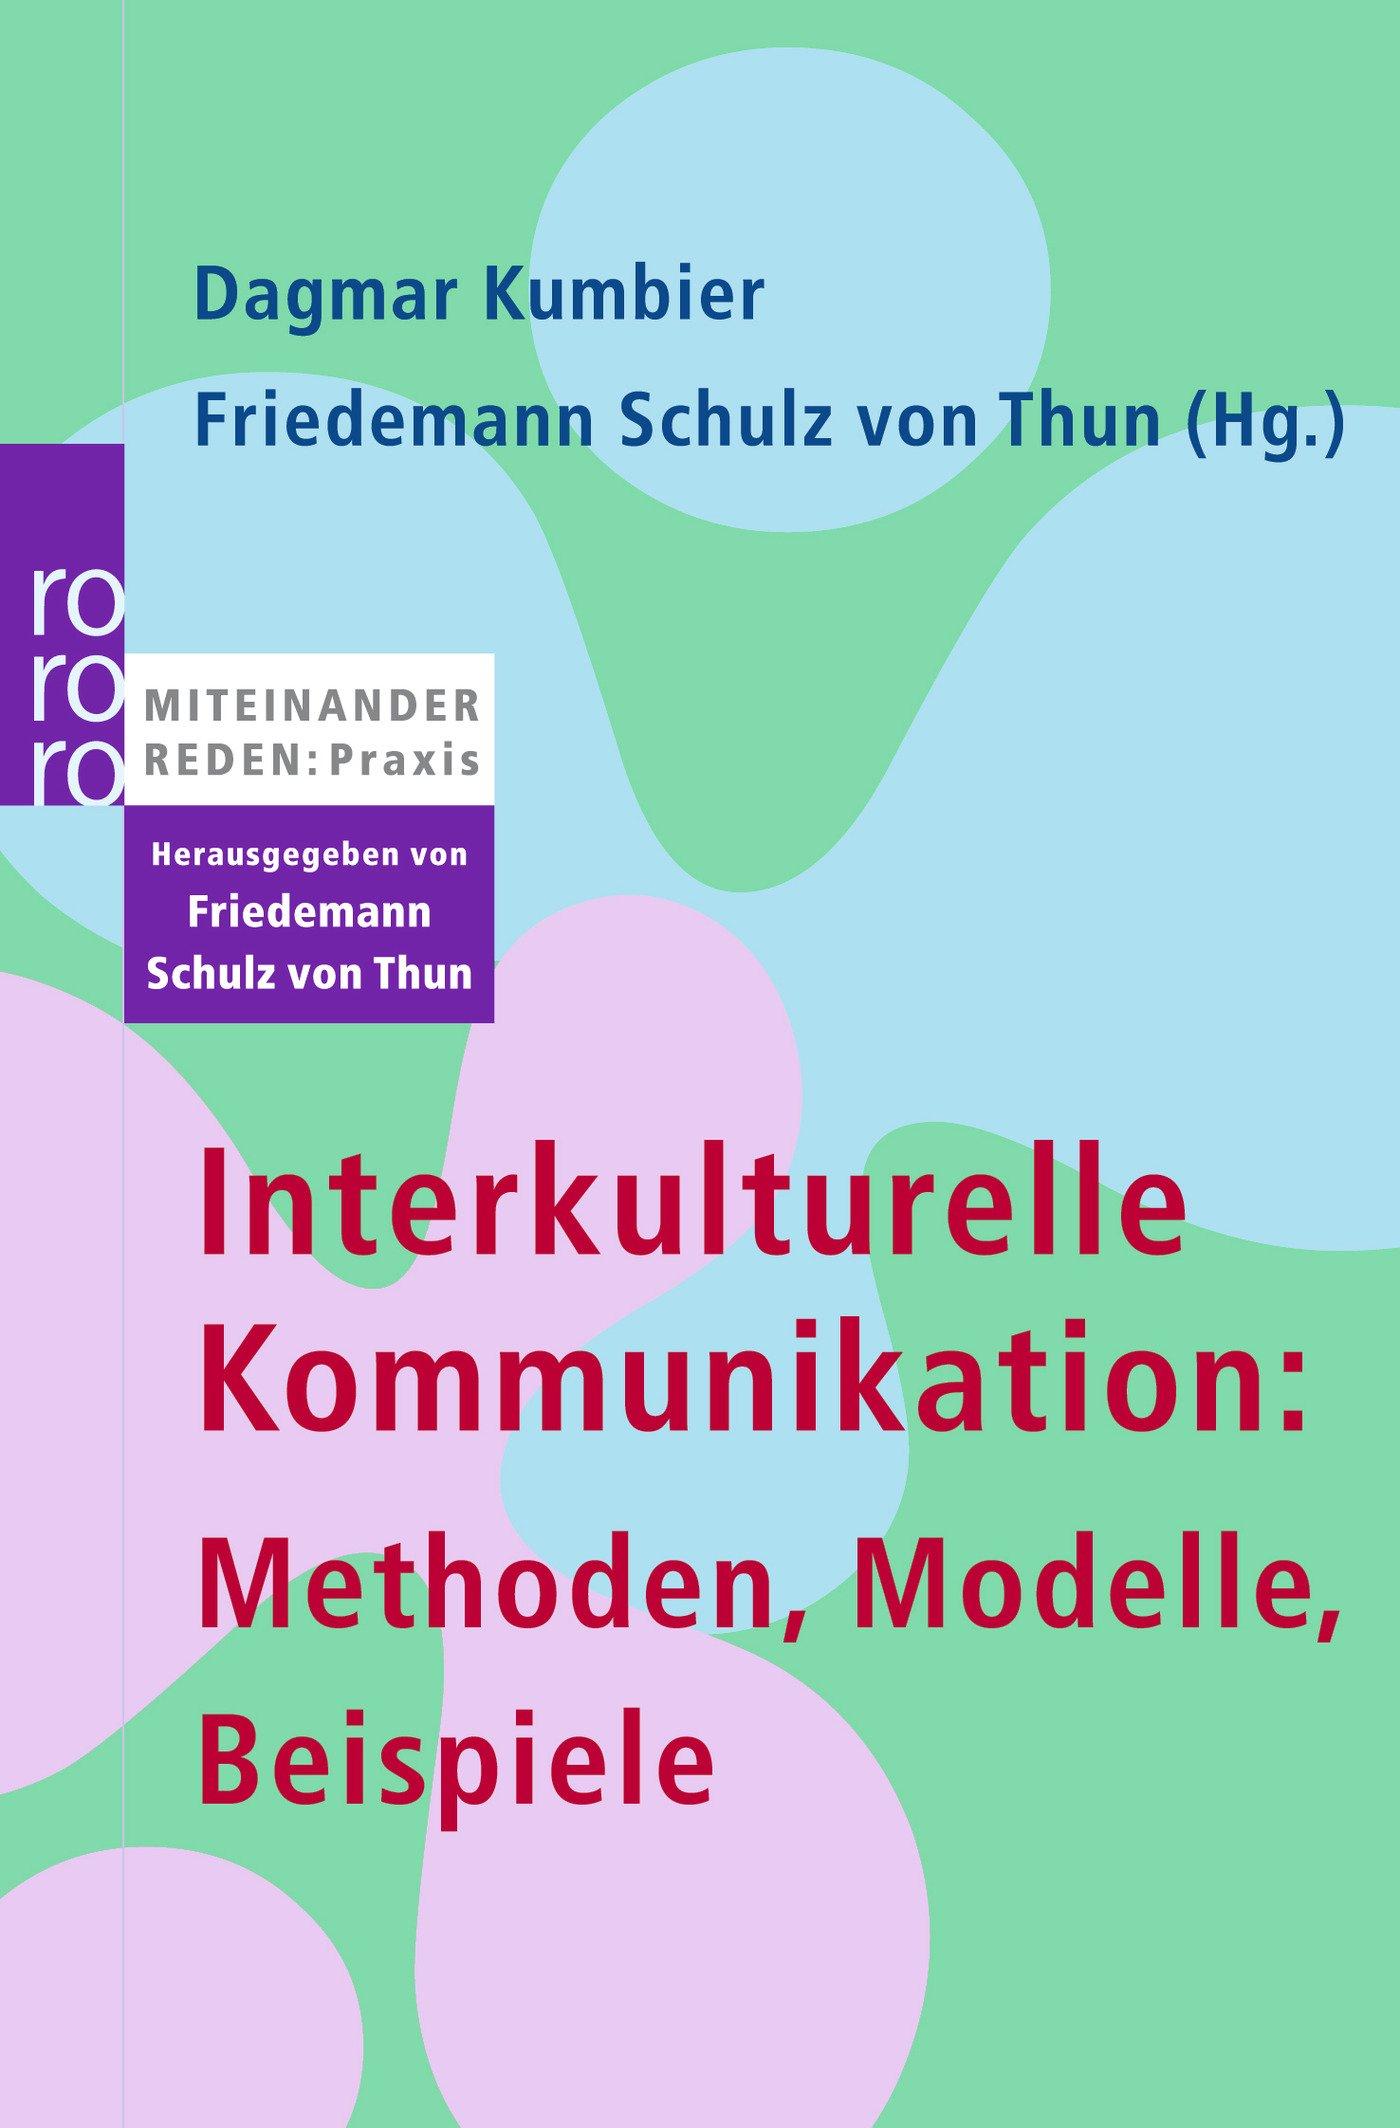 interkulturelle kommunikation methoden modelle beispiele amazonde dagmar kumbier friedemann schulz von thun friedemann schulz von thun bcher - Kommunikationsmodelle Beispiele